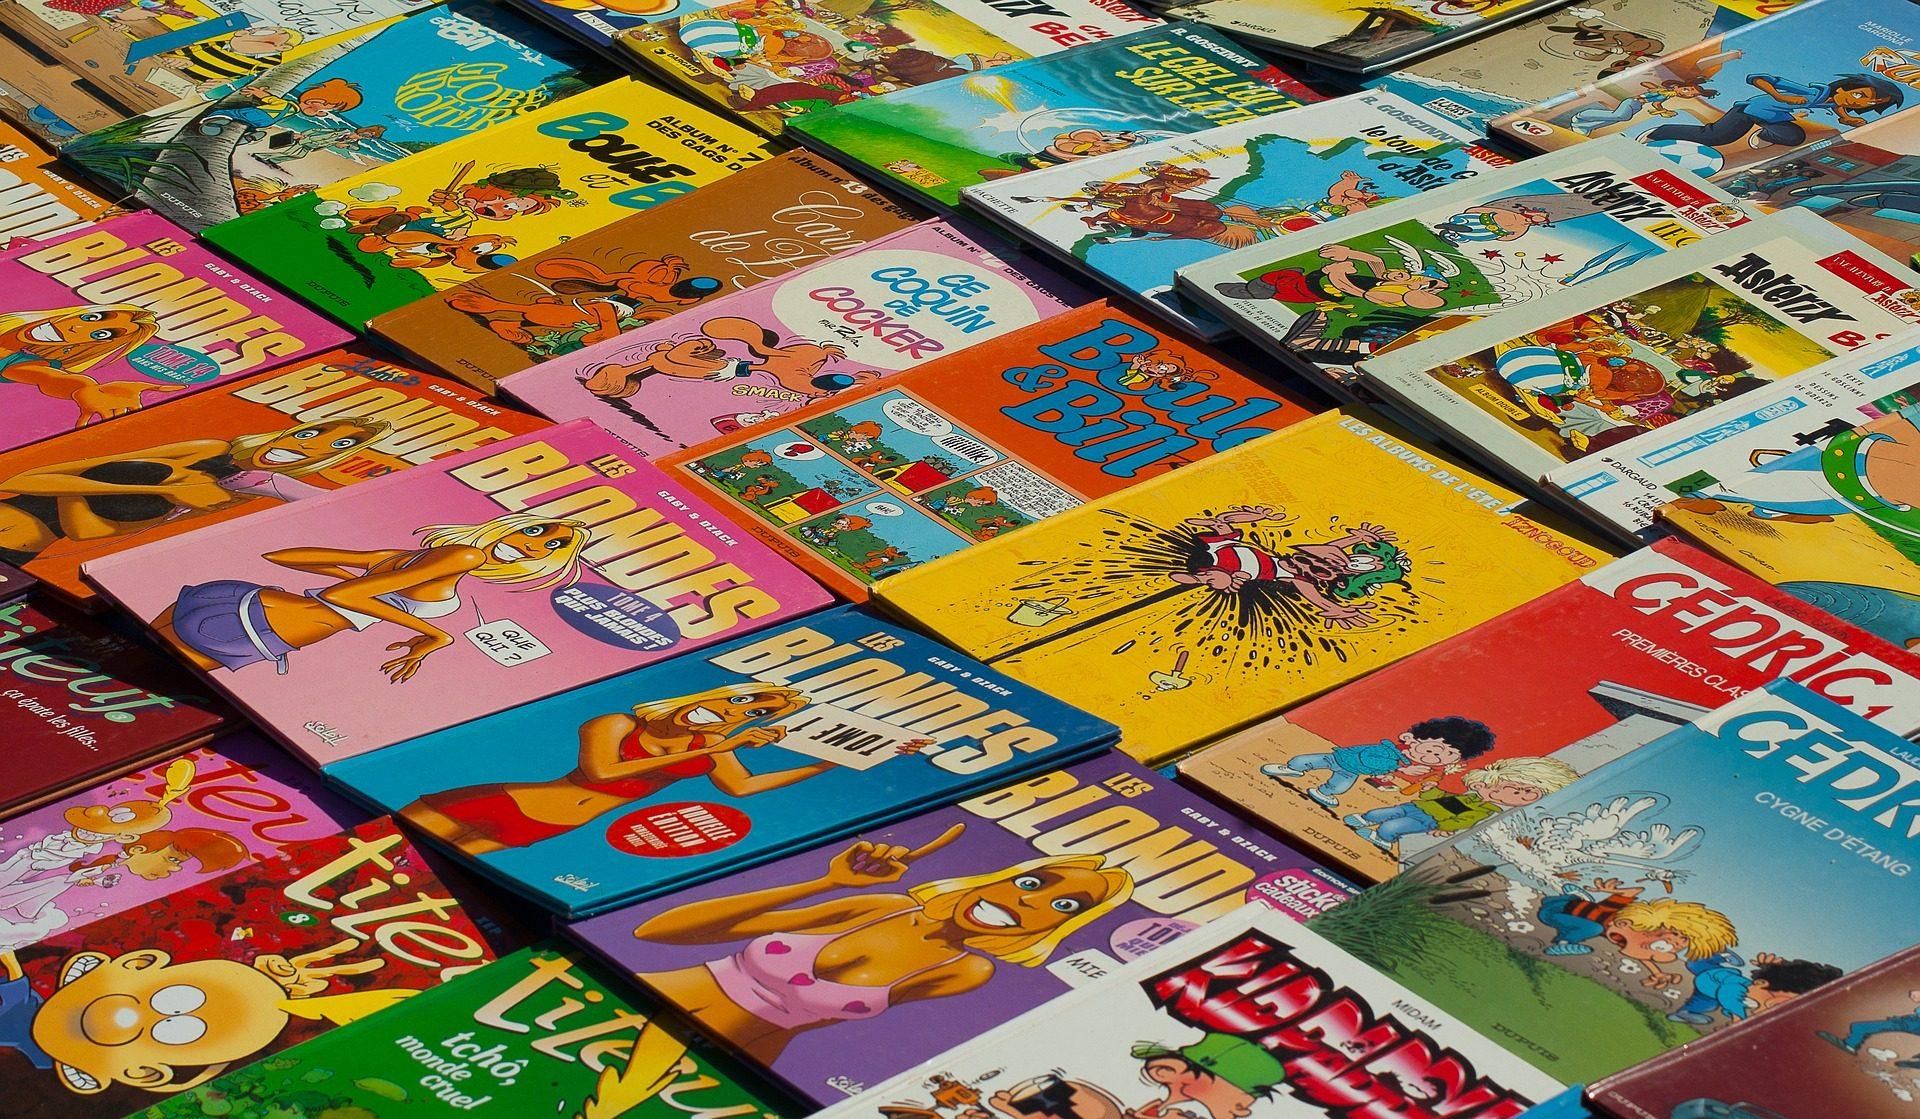 livros, comics, histórias em quadrinhos, desenhos animados, desenhos, Aventura - Papéis de parede HD - Professor-falken.com